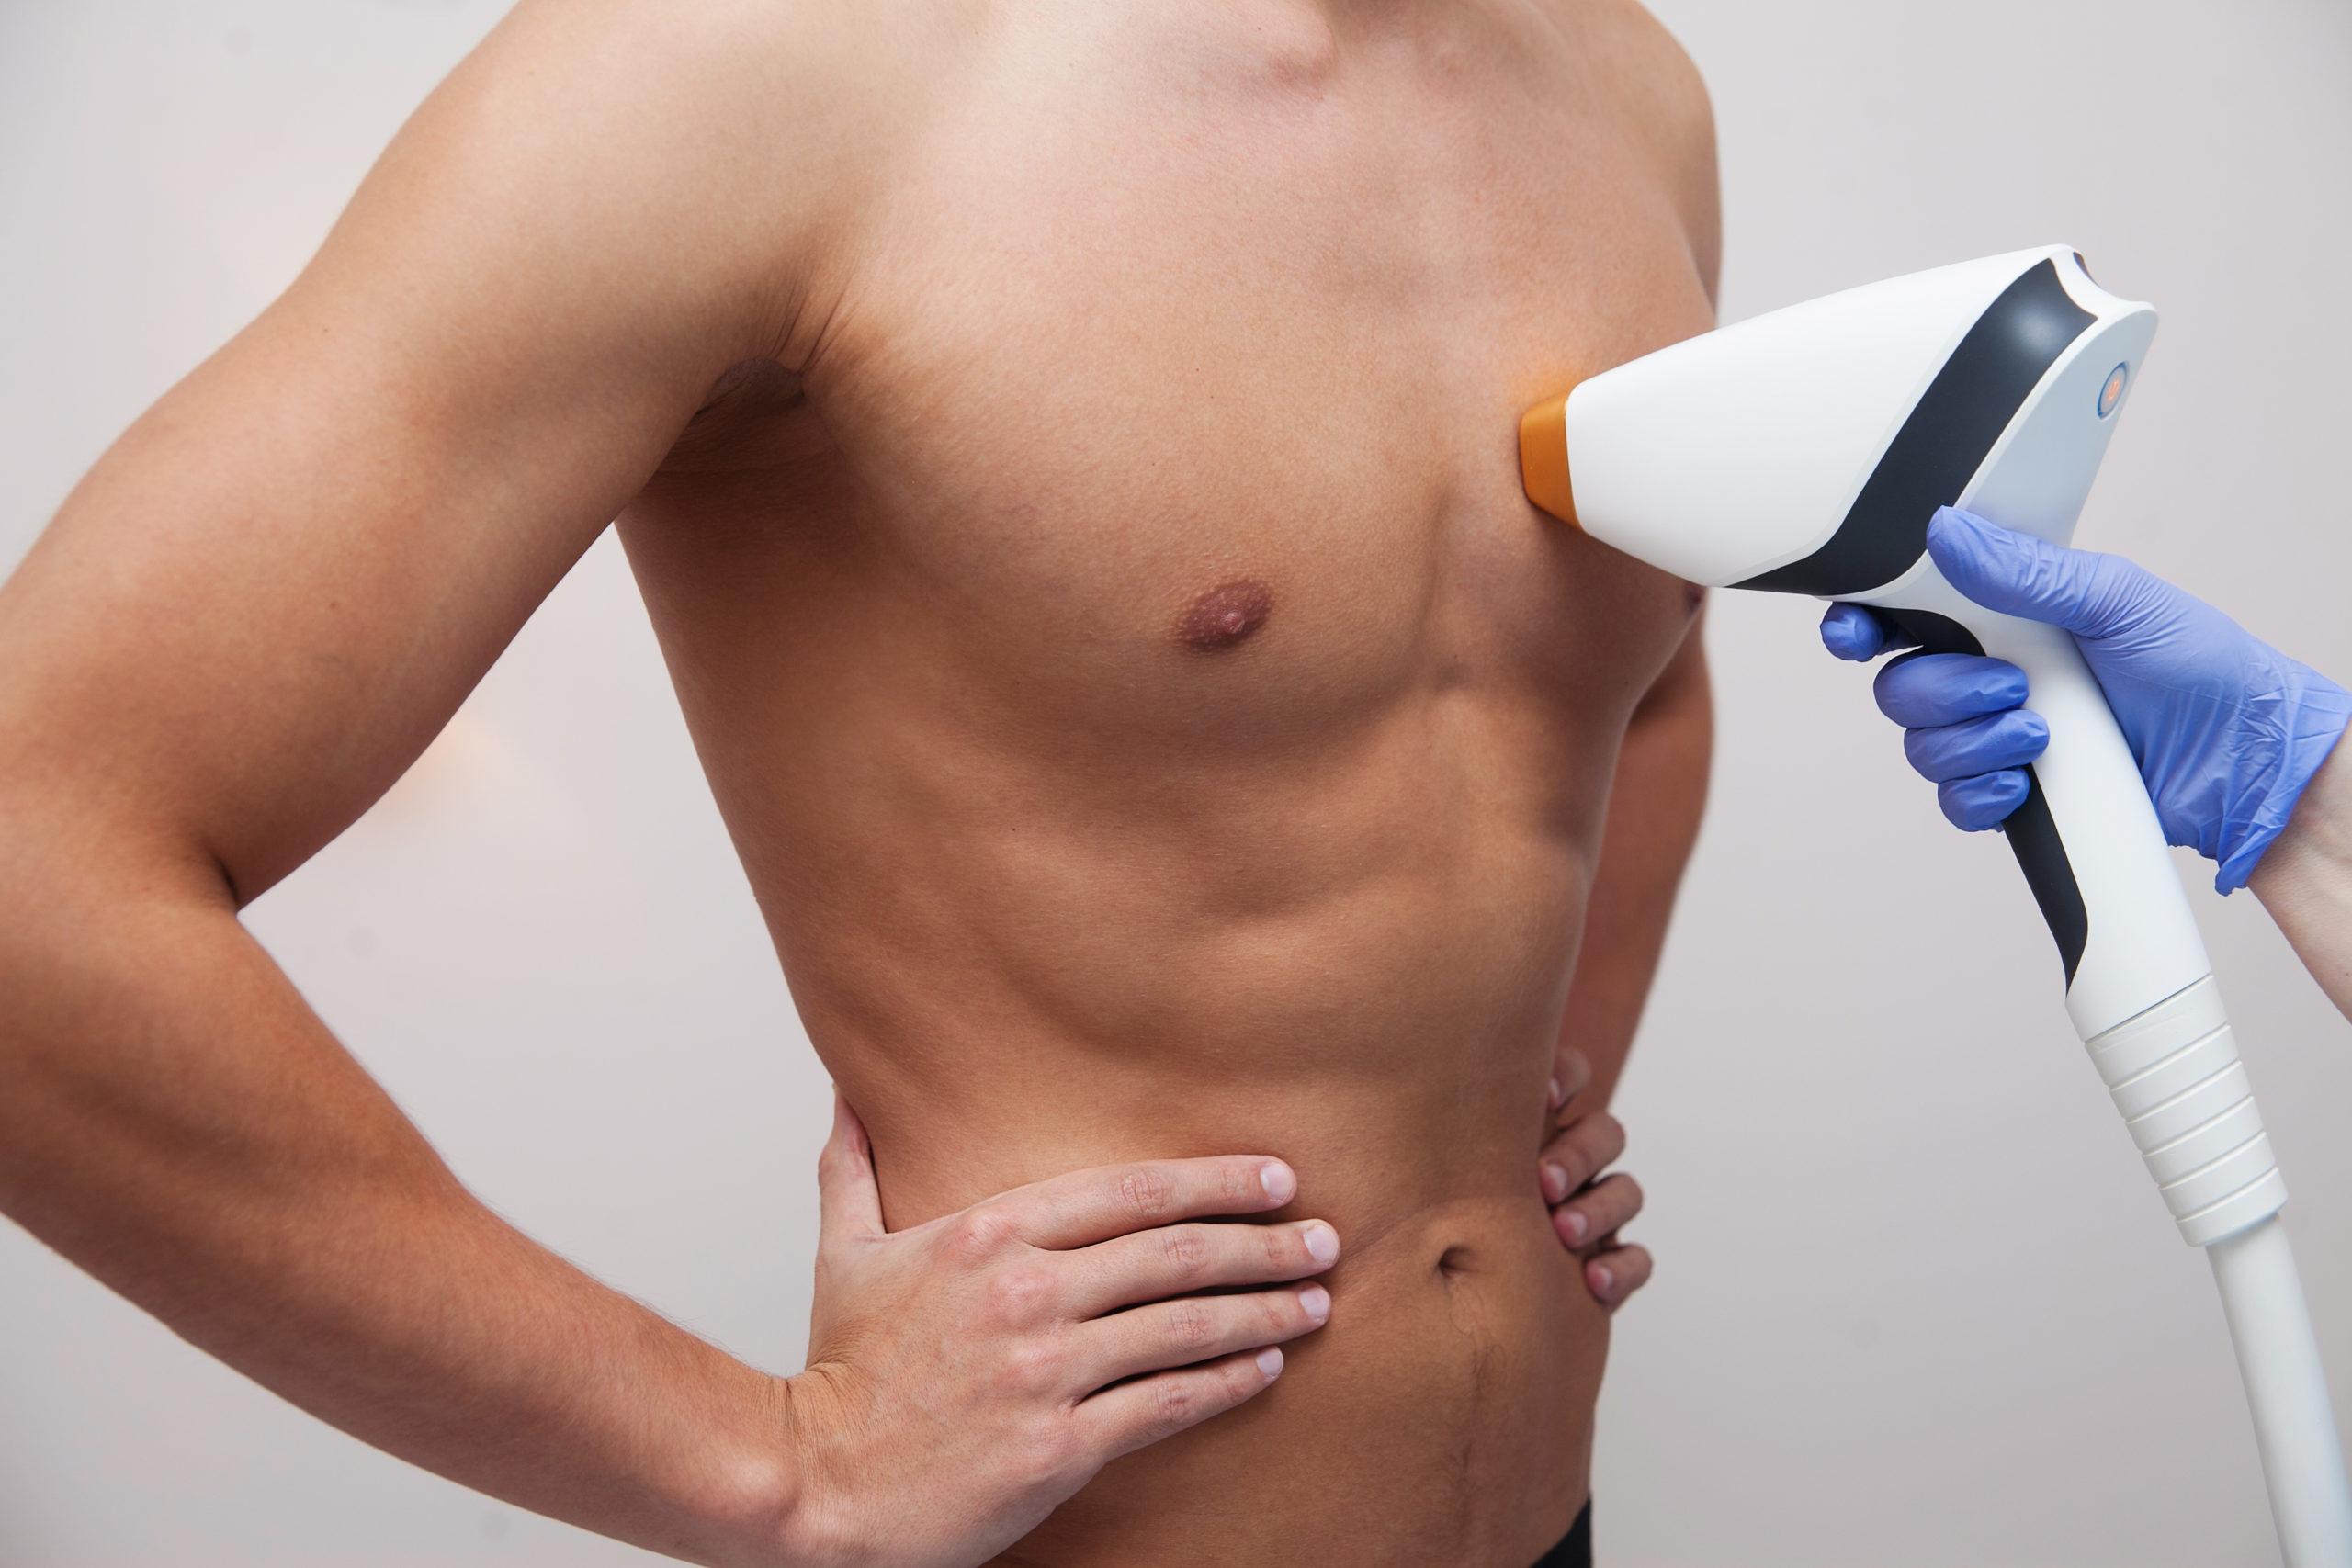 man skin epilation depilation